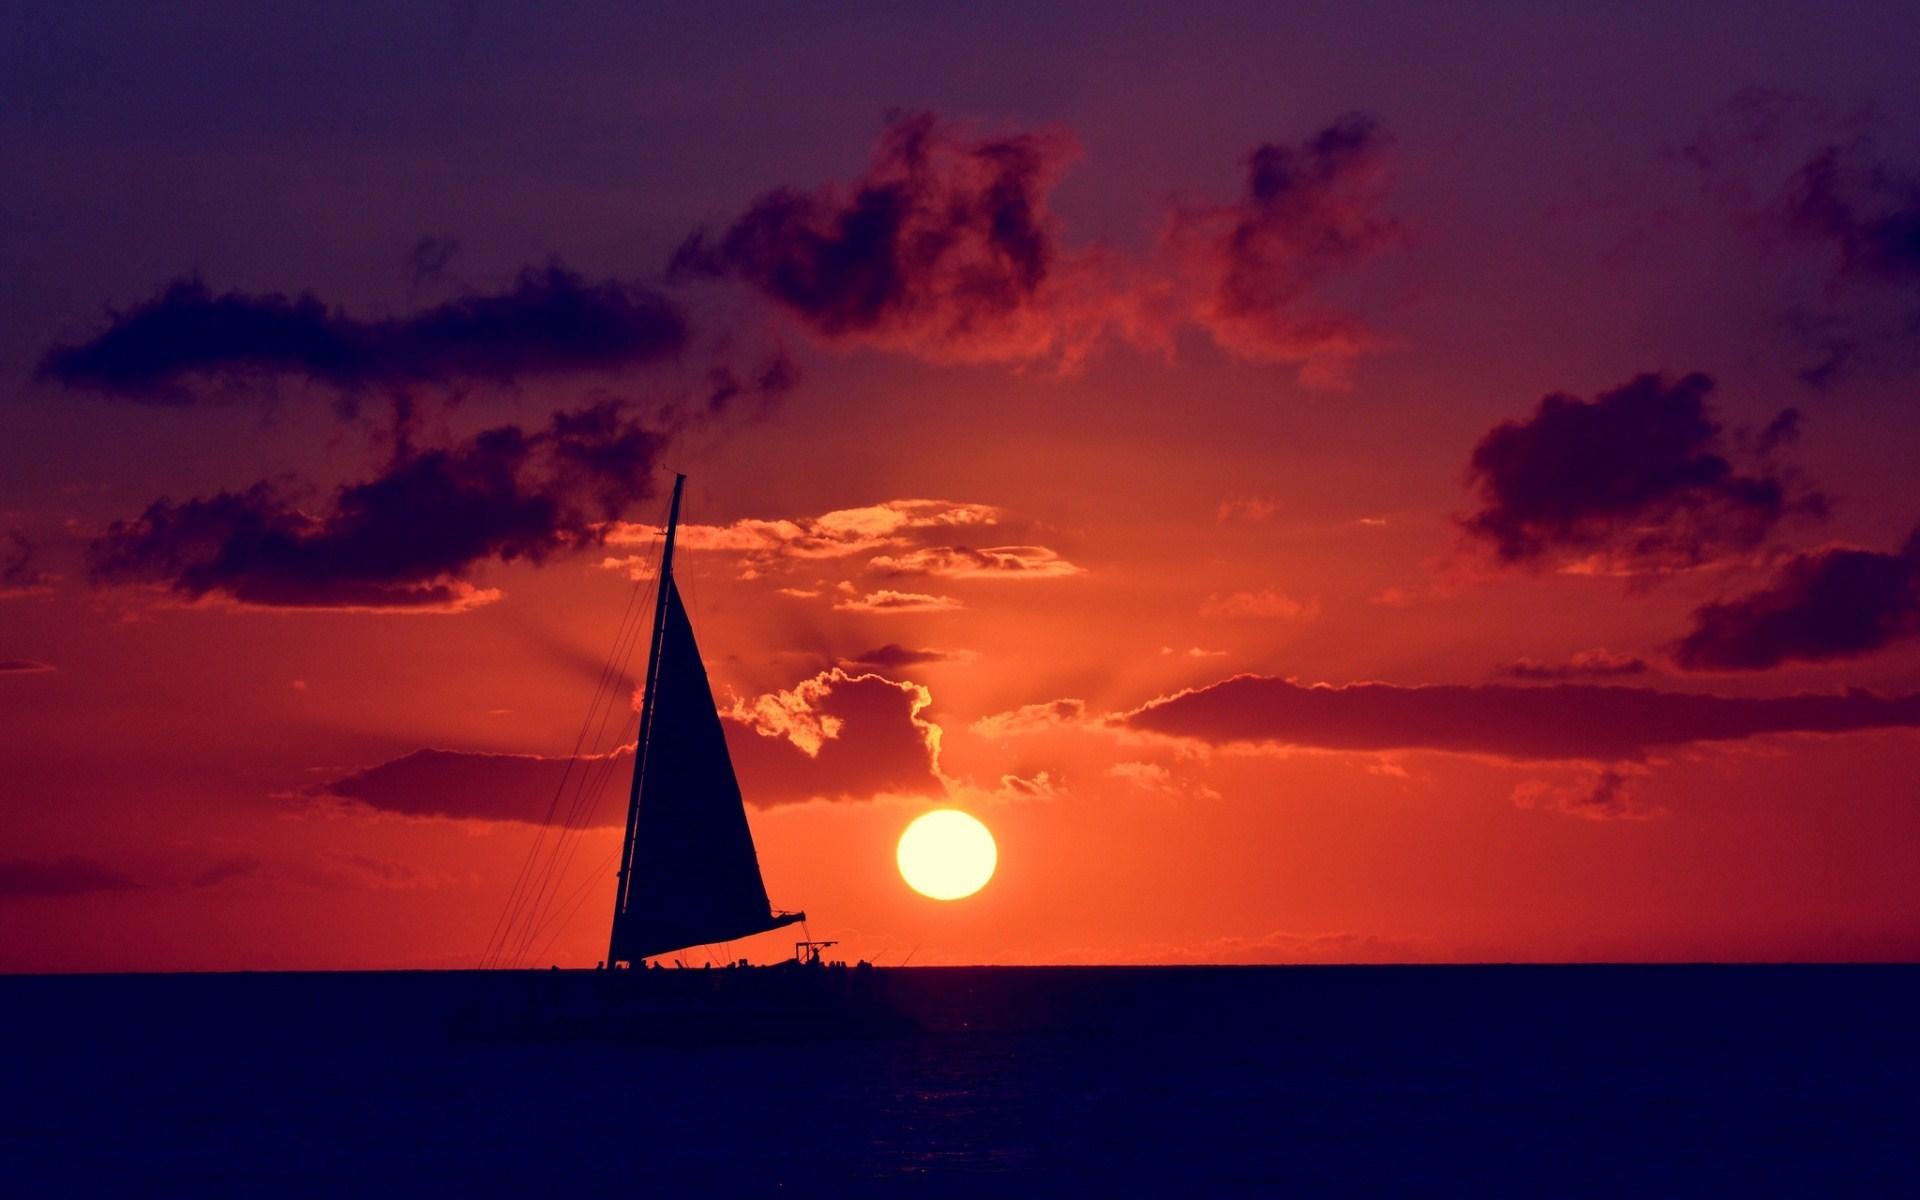 Boat Sea Sun Clouds Sky Photo